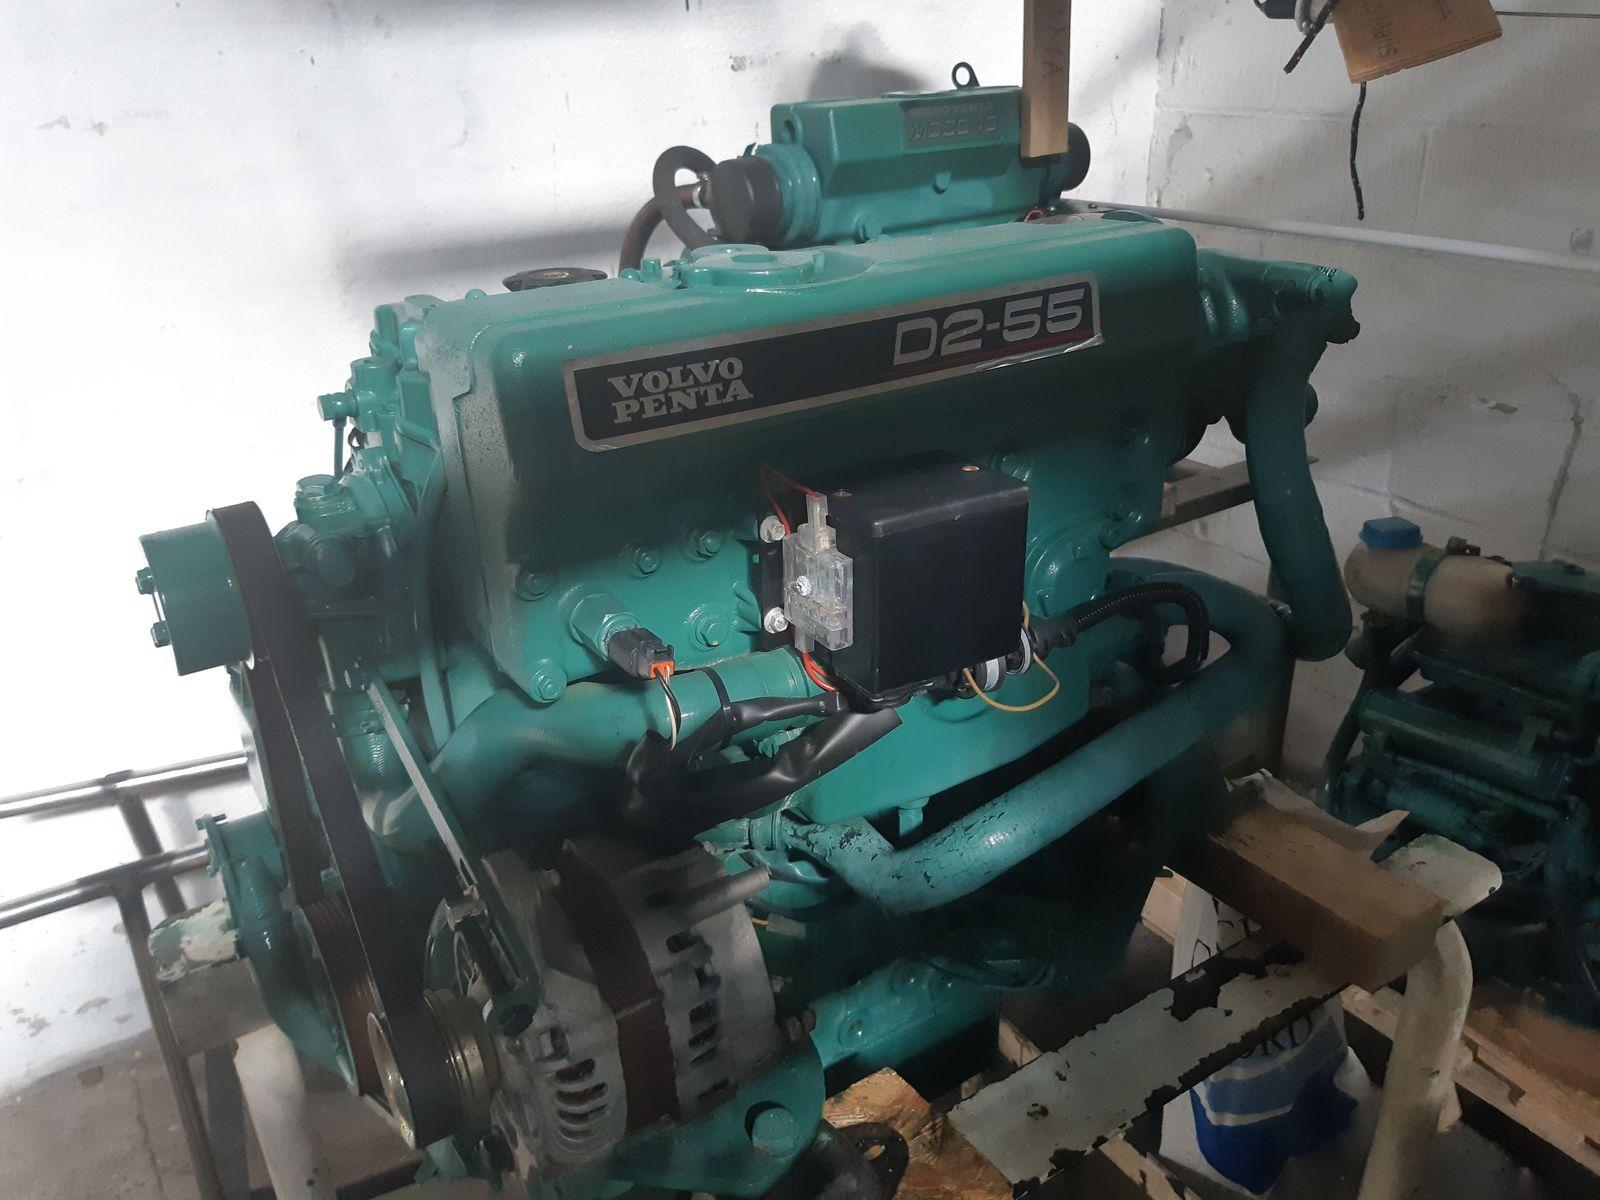 Volvo Penta D2 55 2007 Inboard Marine Diesel Engine Running Hours 420 Marine Diesel Engine Engines For Sale Volvo